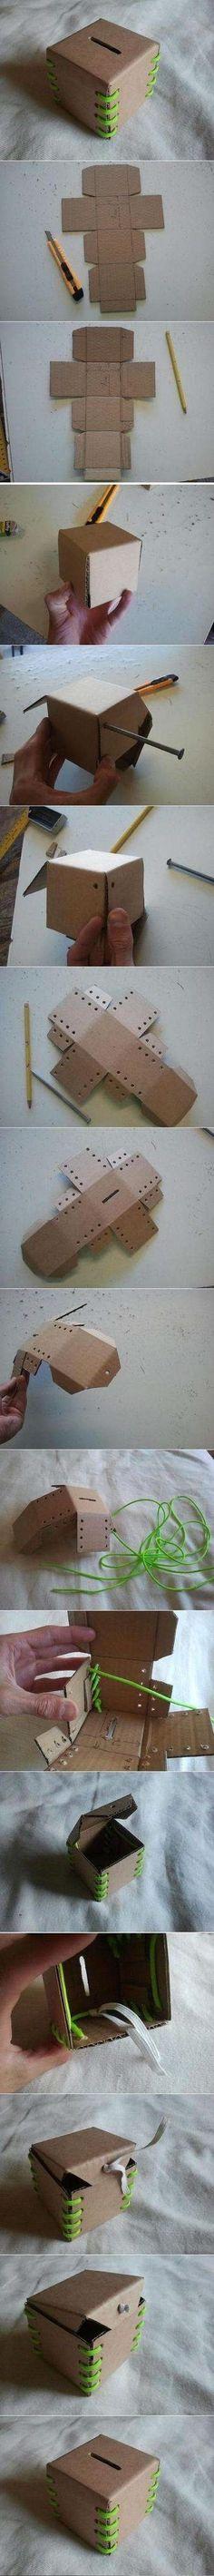 Cardboard coin cube